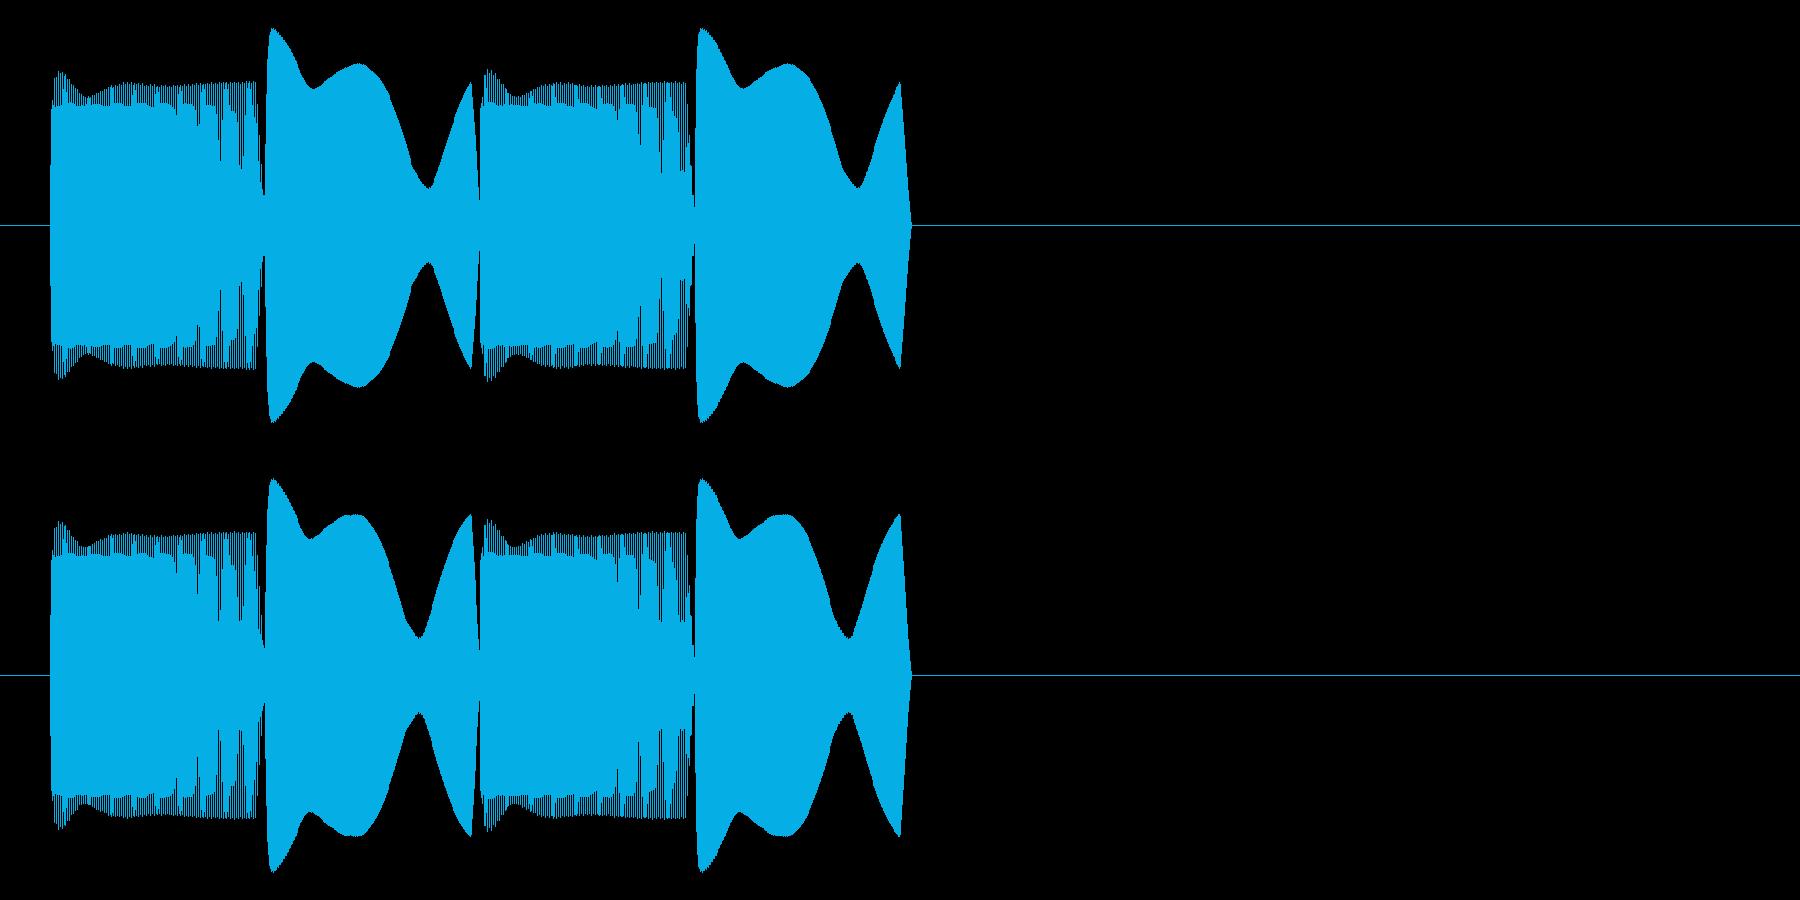 ピコピコ(エラー・アラート音)ver2の再生済みの波形